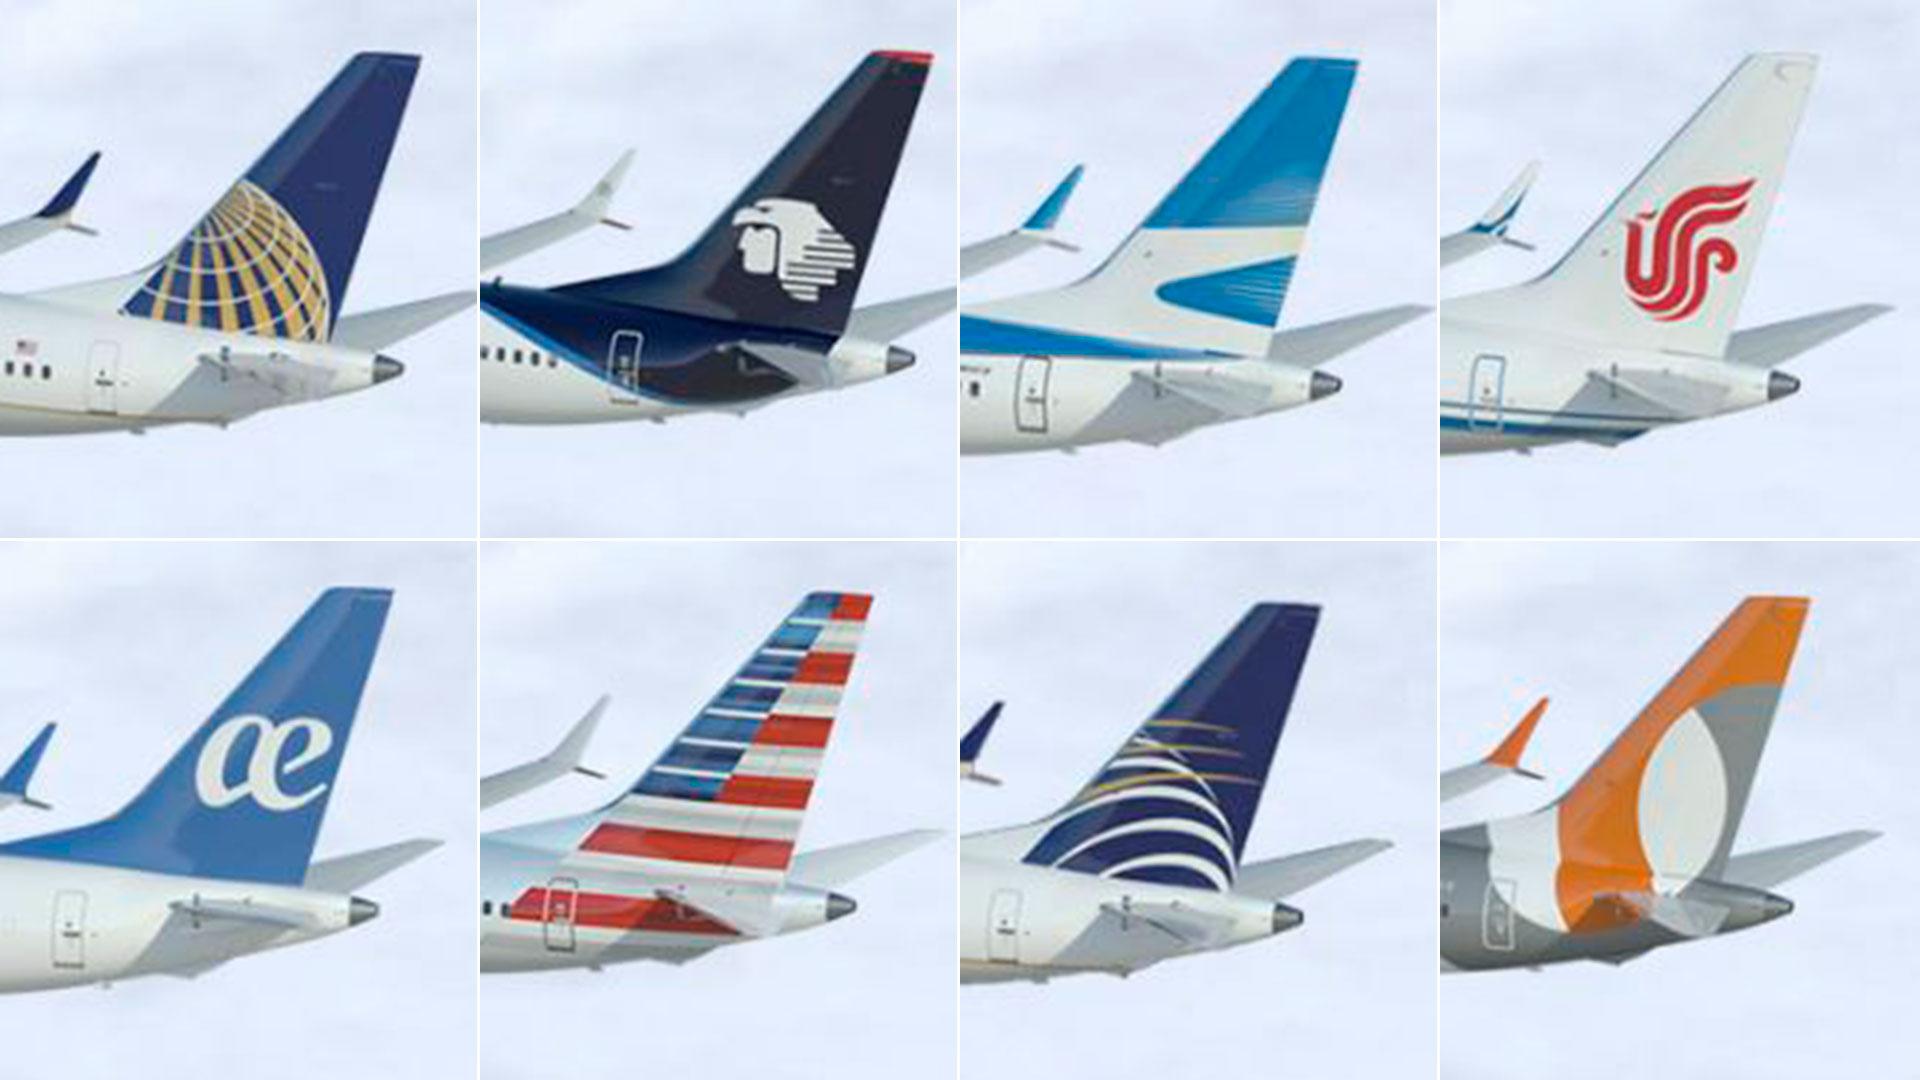 Algunos de los principales operarios del 737 MAX, en sentido horario: United Airlines, Aeromexico, Aerolíneas Argentinas, Gol Linhas Aereas, Copa Airlines, American Airlines y Air Europa